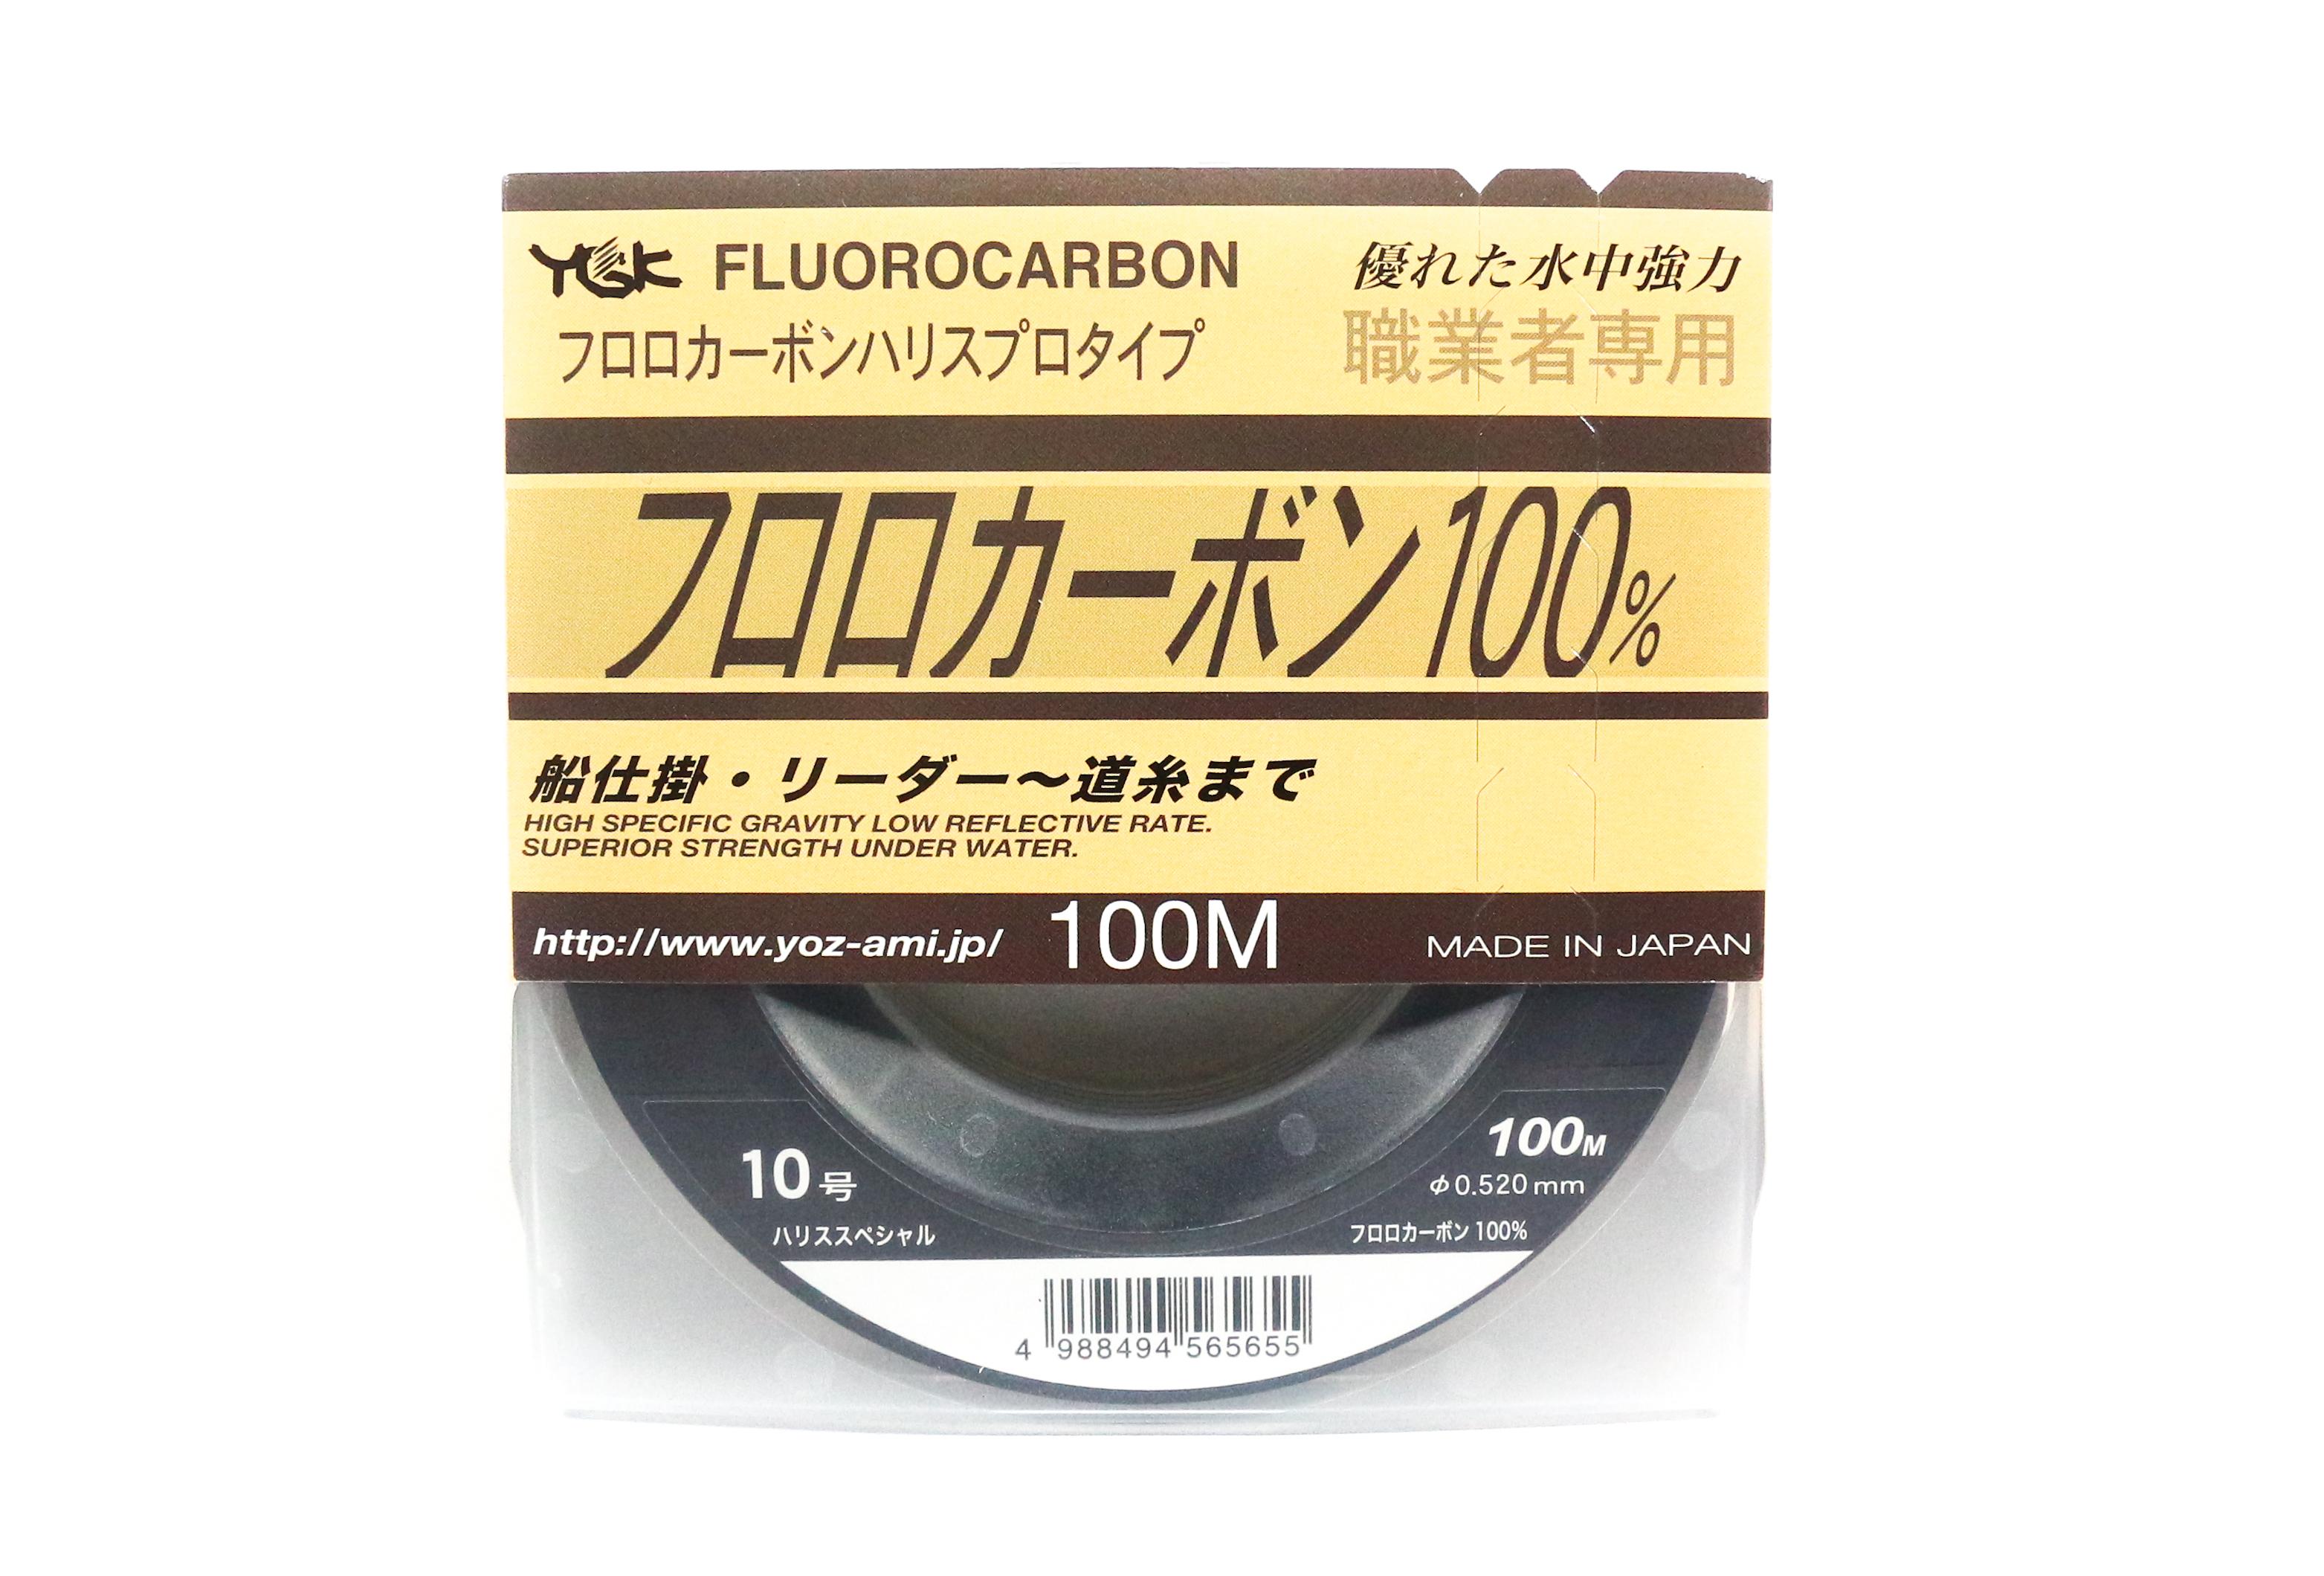 YGK 100% Fluorocarbon Leader Line 100m Size 10 35lb 0.52mm (5655)